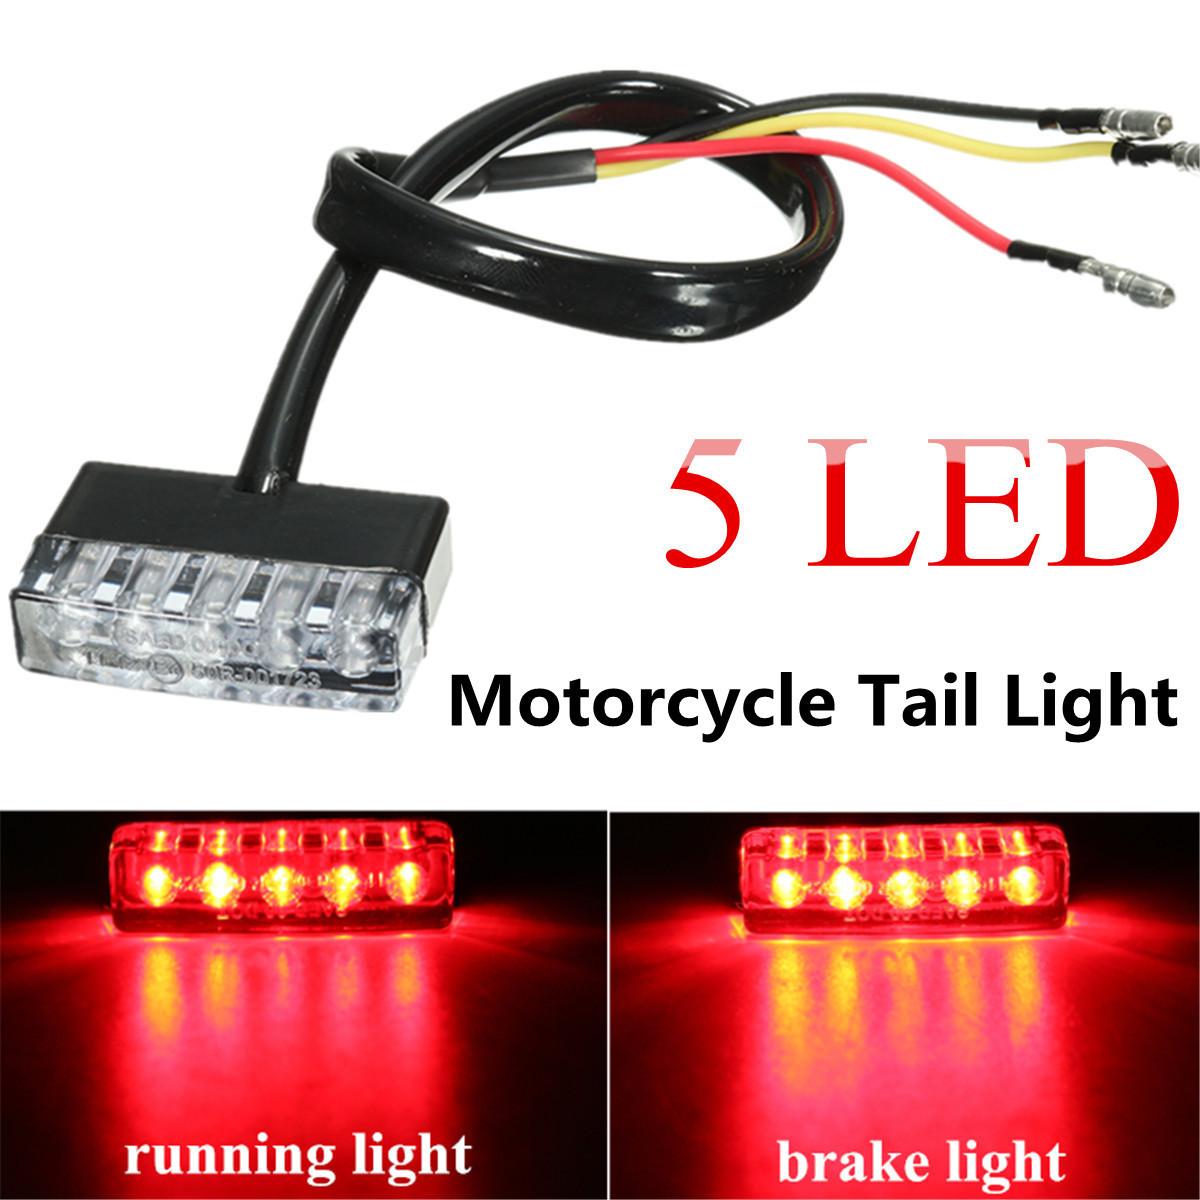 12V 5 LED Rear Tail Running Stop Brake Light Red Lamp Motorcycle ATV Bike